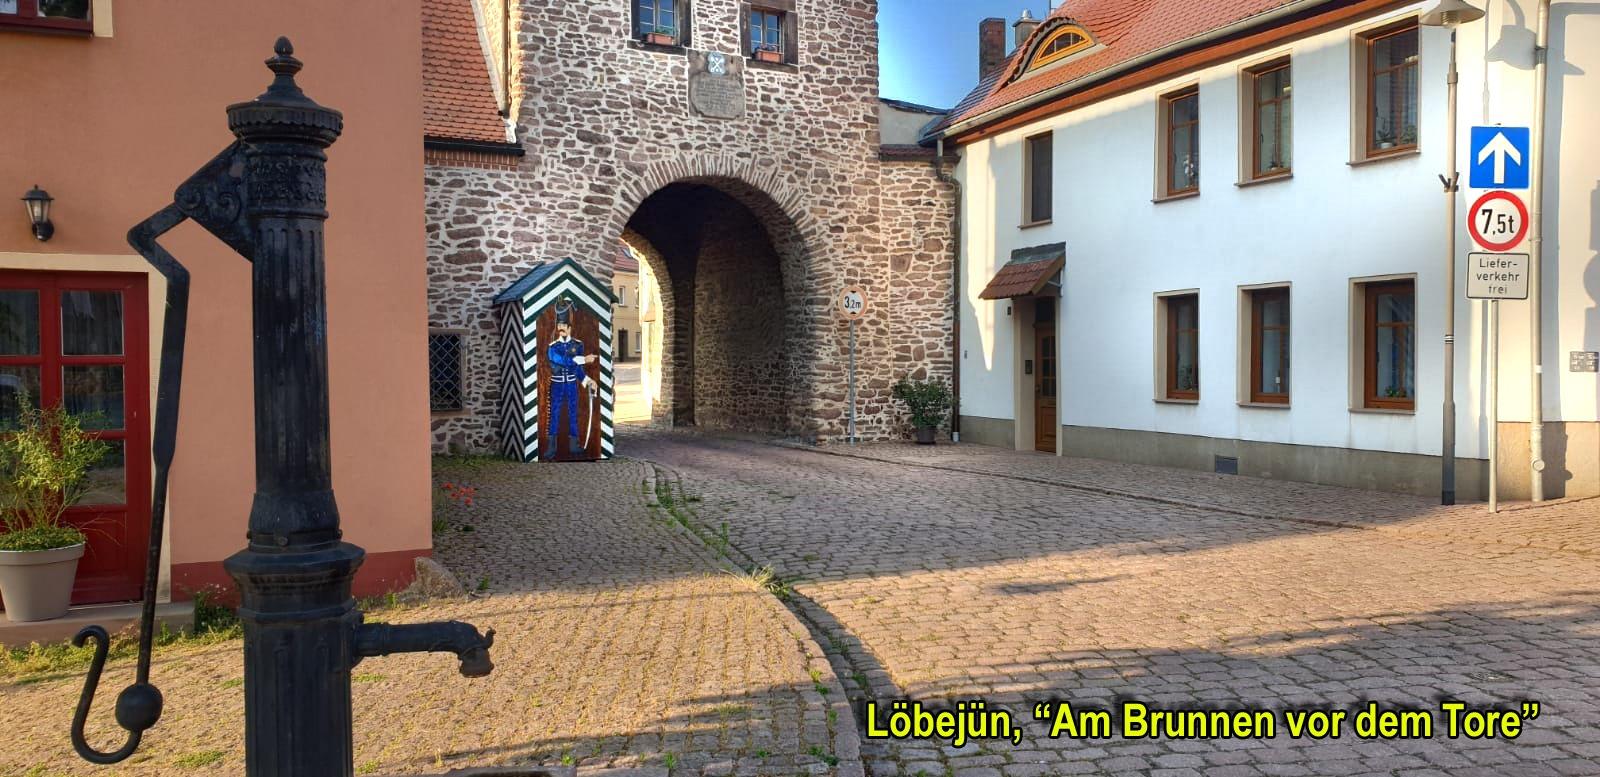 Einfamilienhaus Löbejün - 30 m bis zum Objekt